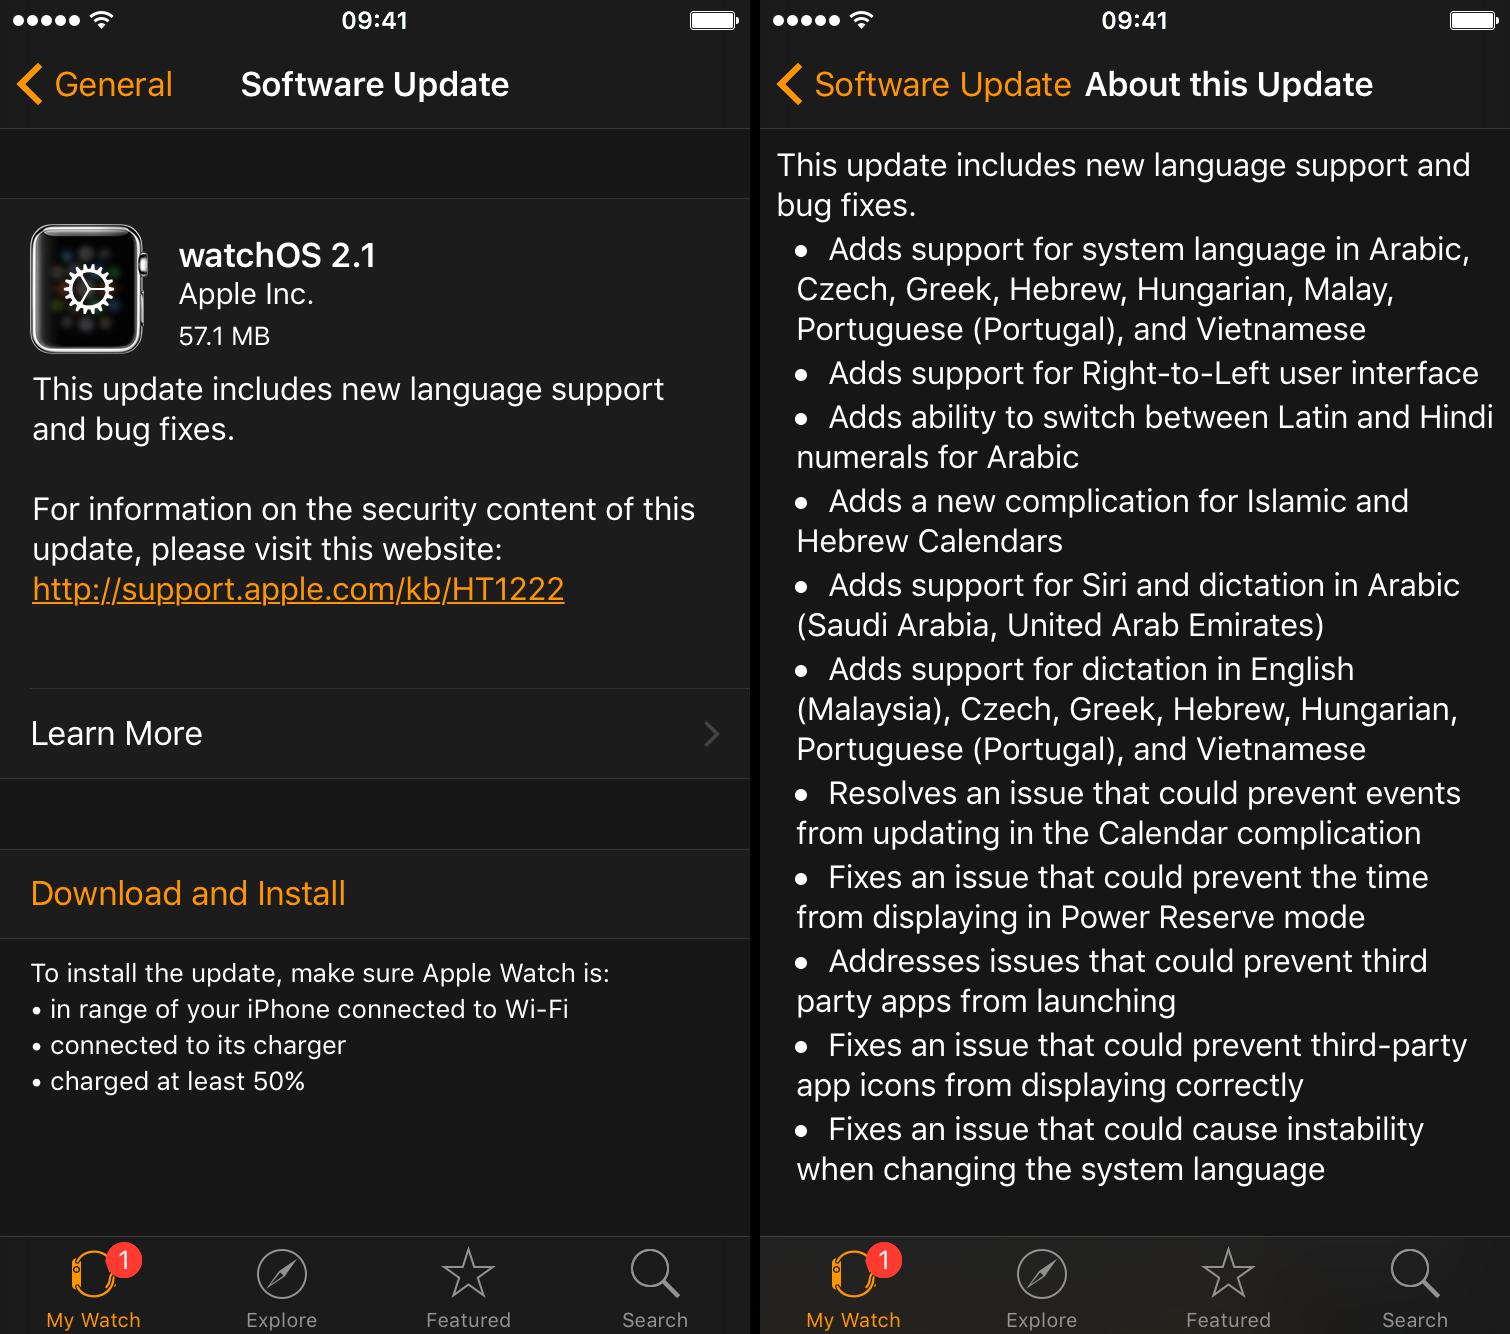 watchOS-2.1-updated-porompt